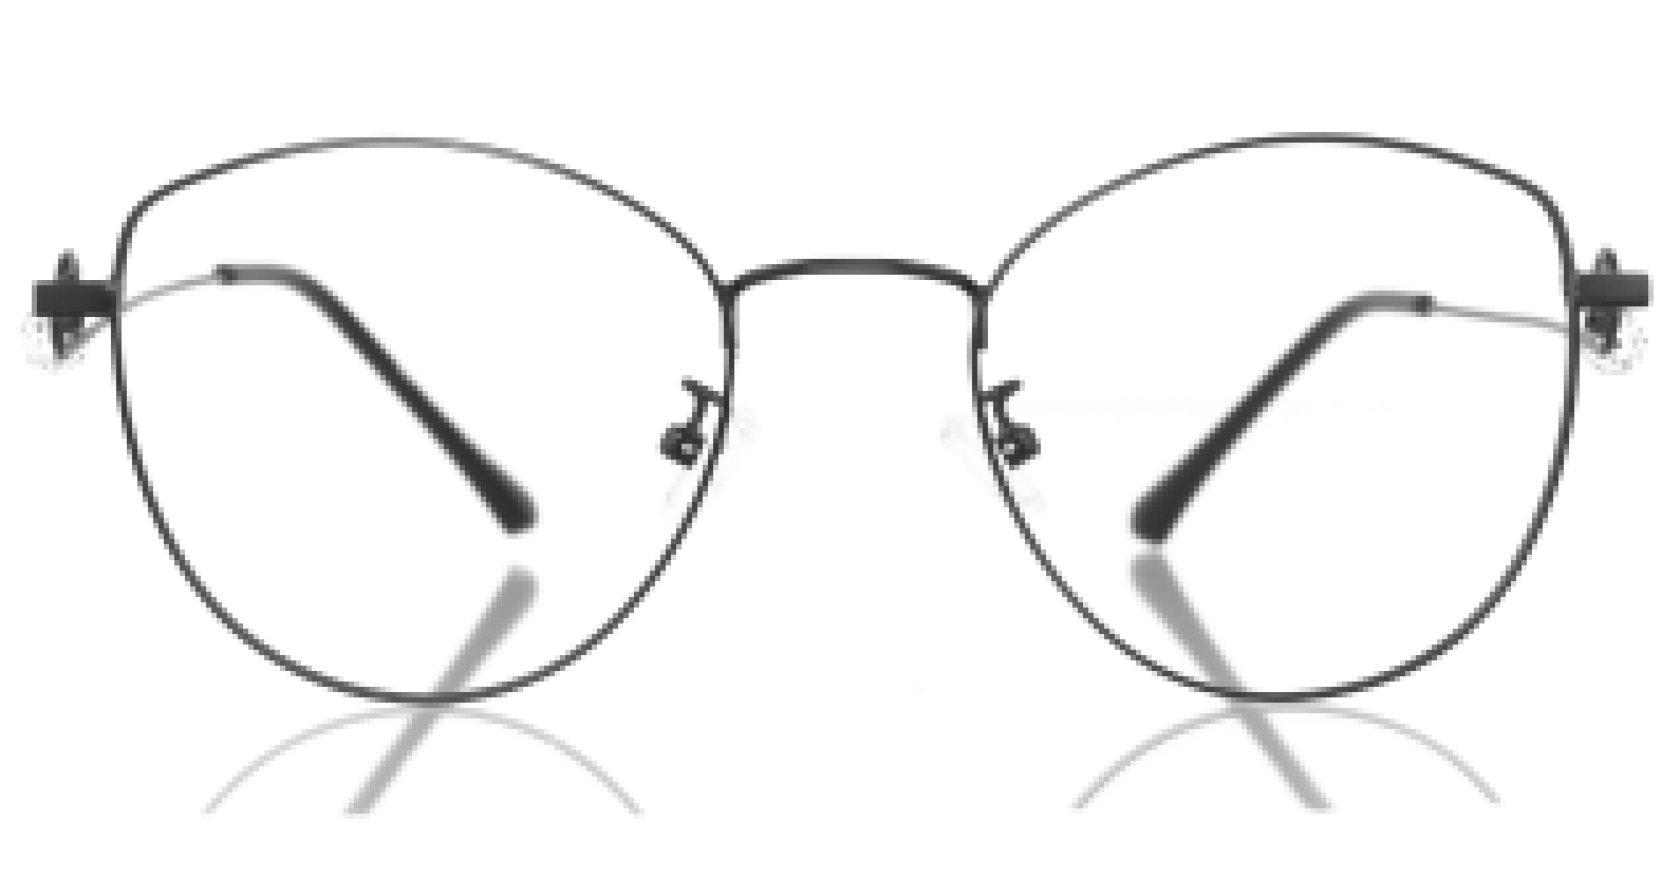 imagen miniatura frontal de la referencia 1002600